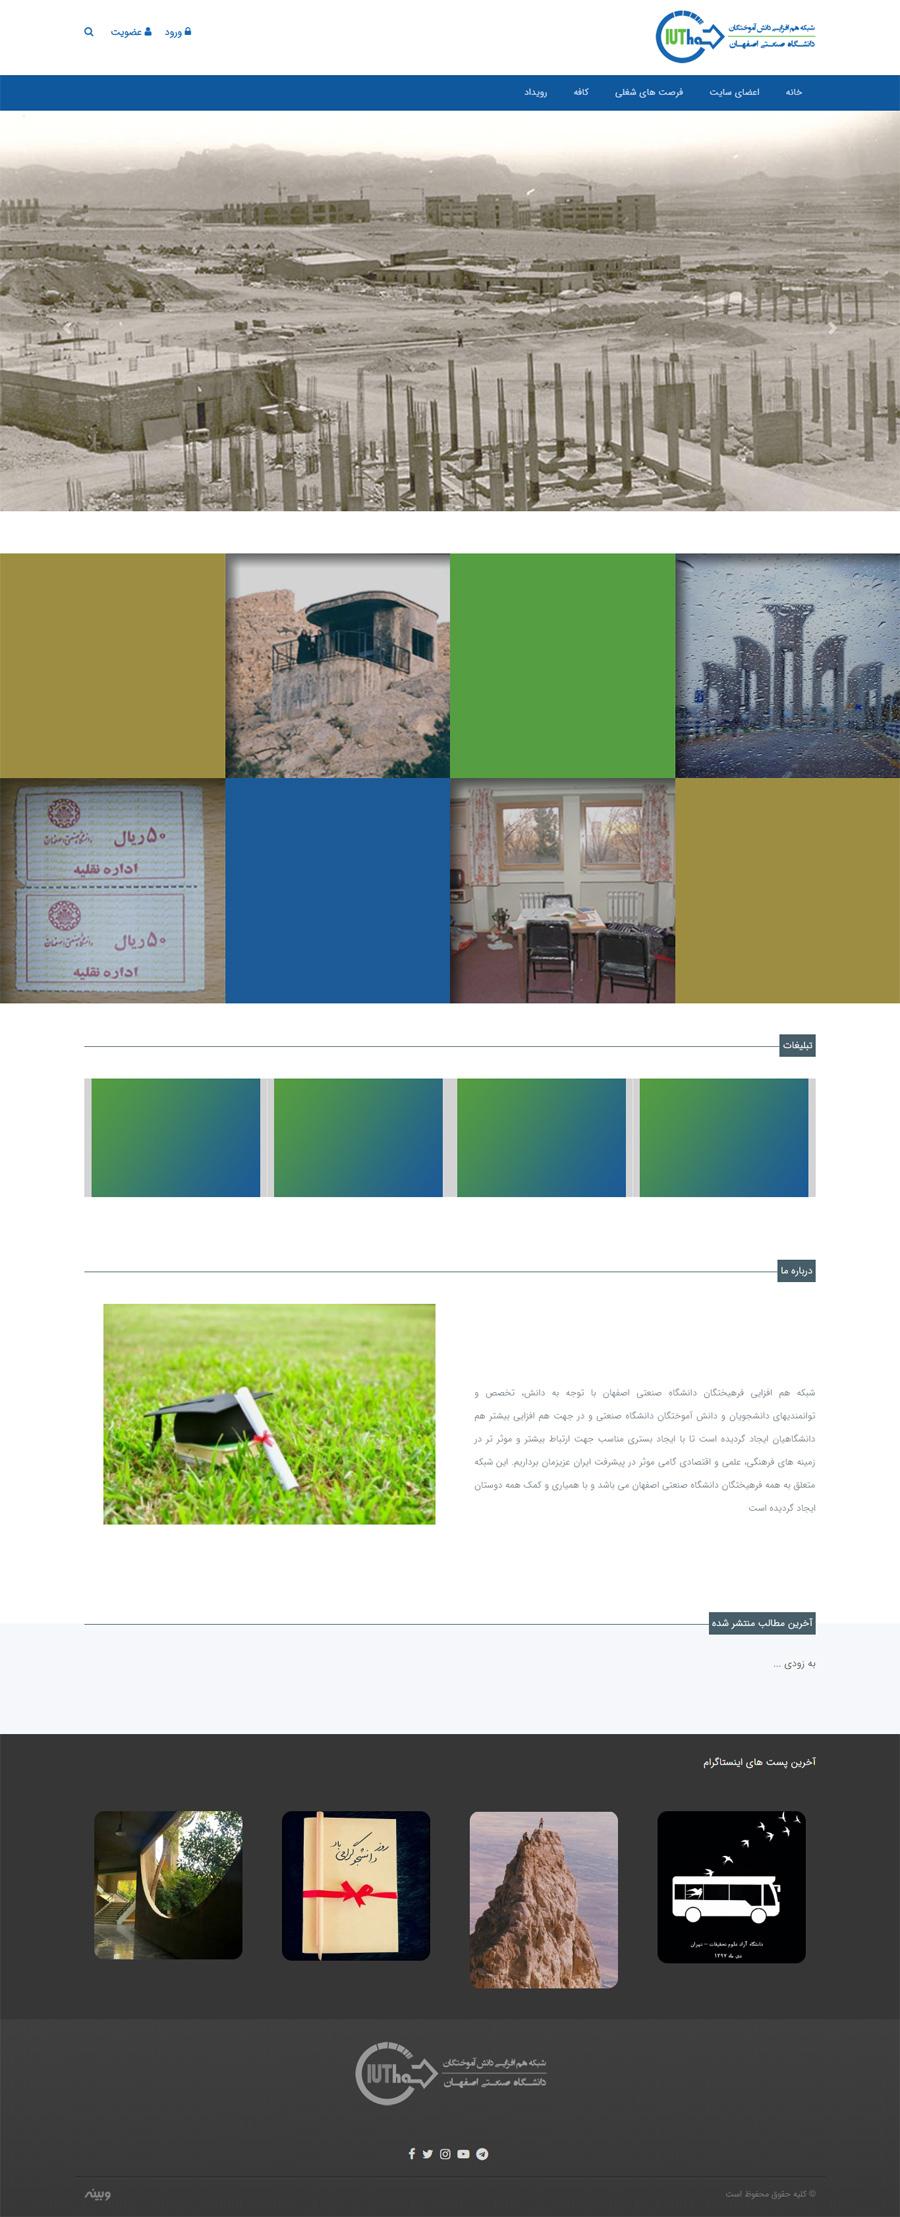 صفحه اول نمونه کار طراحی وب سایت دانشگاه صنعتی اصفهان